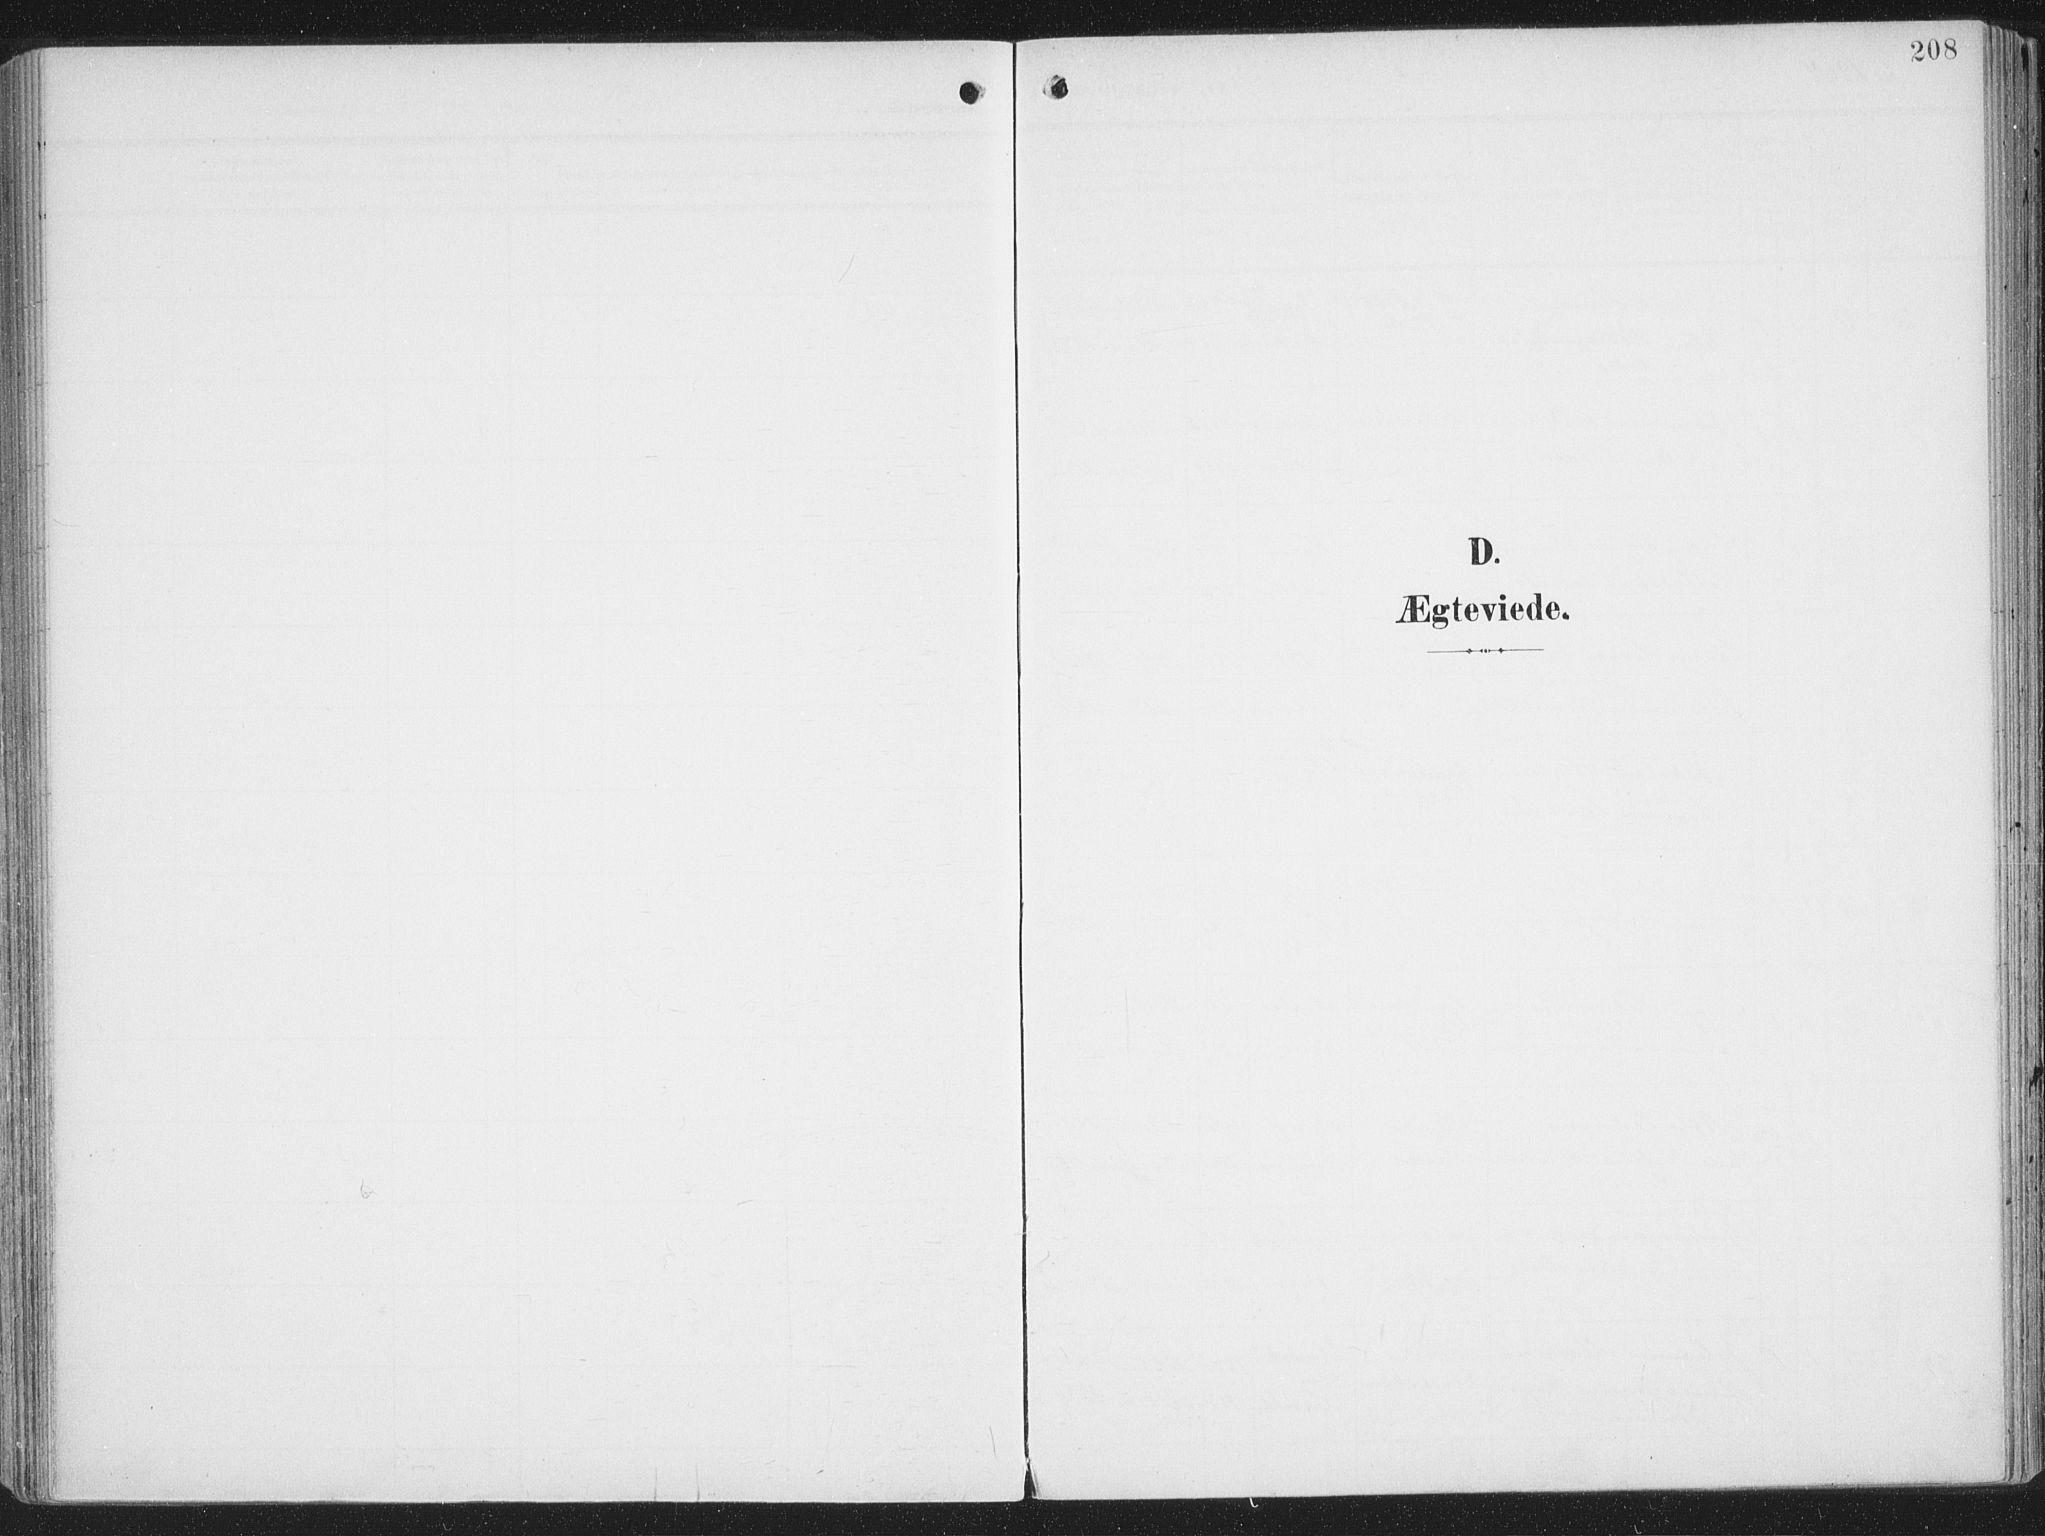 SATØ, Alta sokneprestkontor, H/Ha/L0005.kirke: Ministerialbok nr. 5, 1904-1918, s. 208